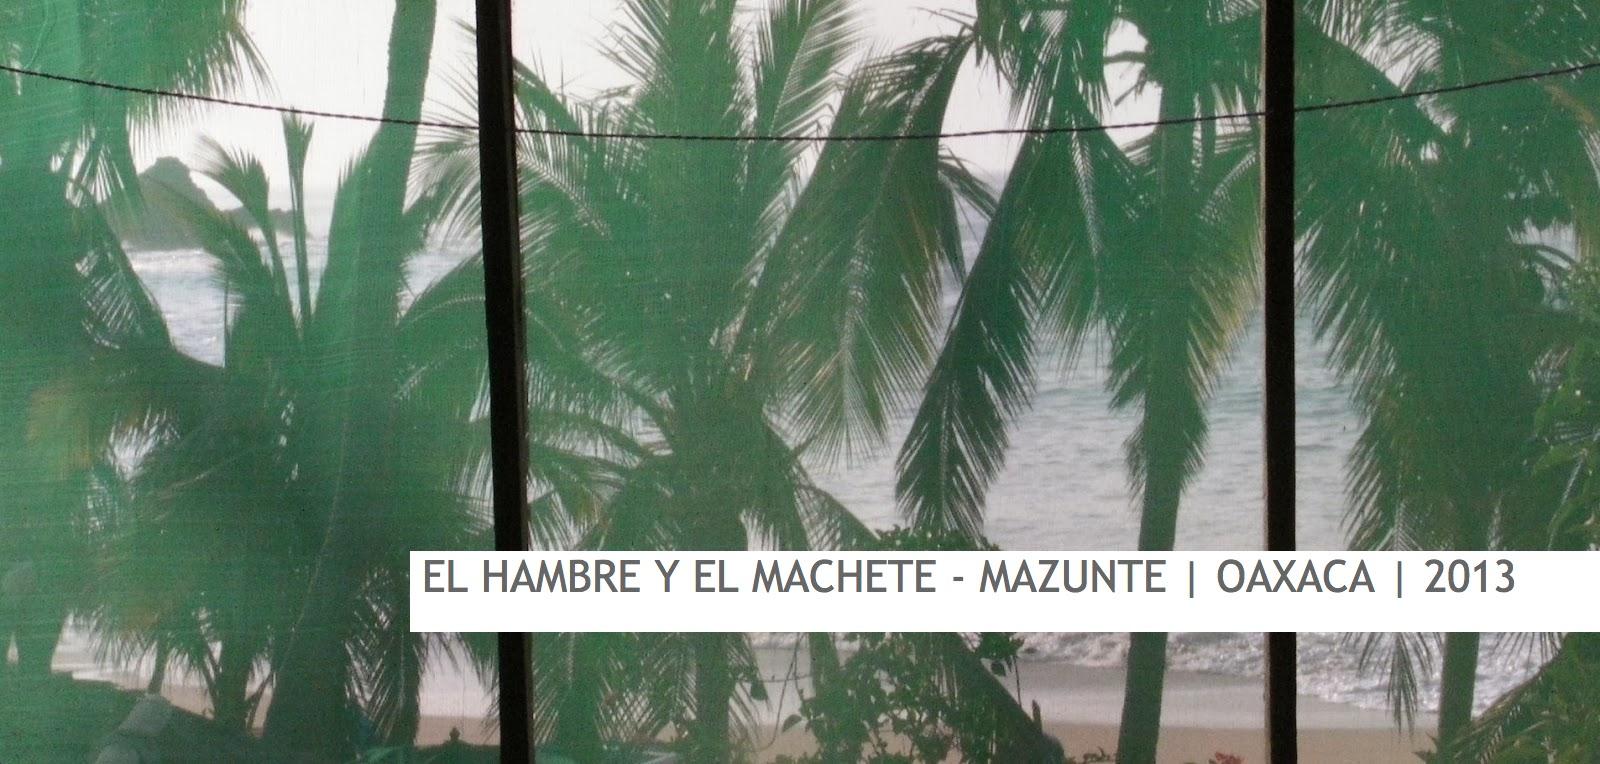 EL HAMBRE Y EL MACHETE